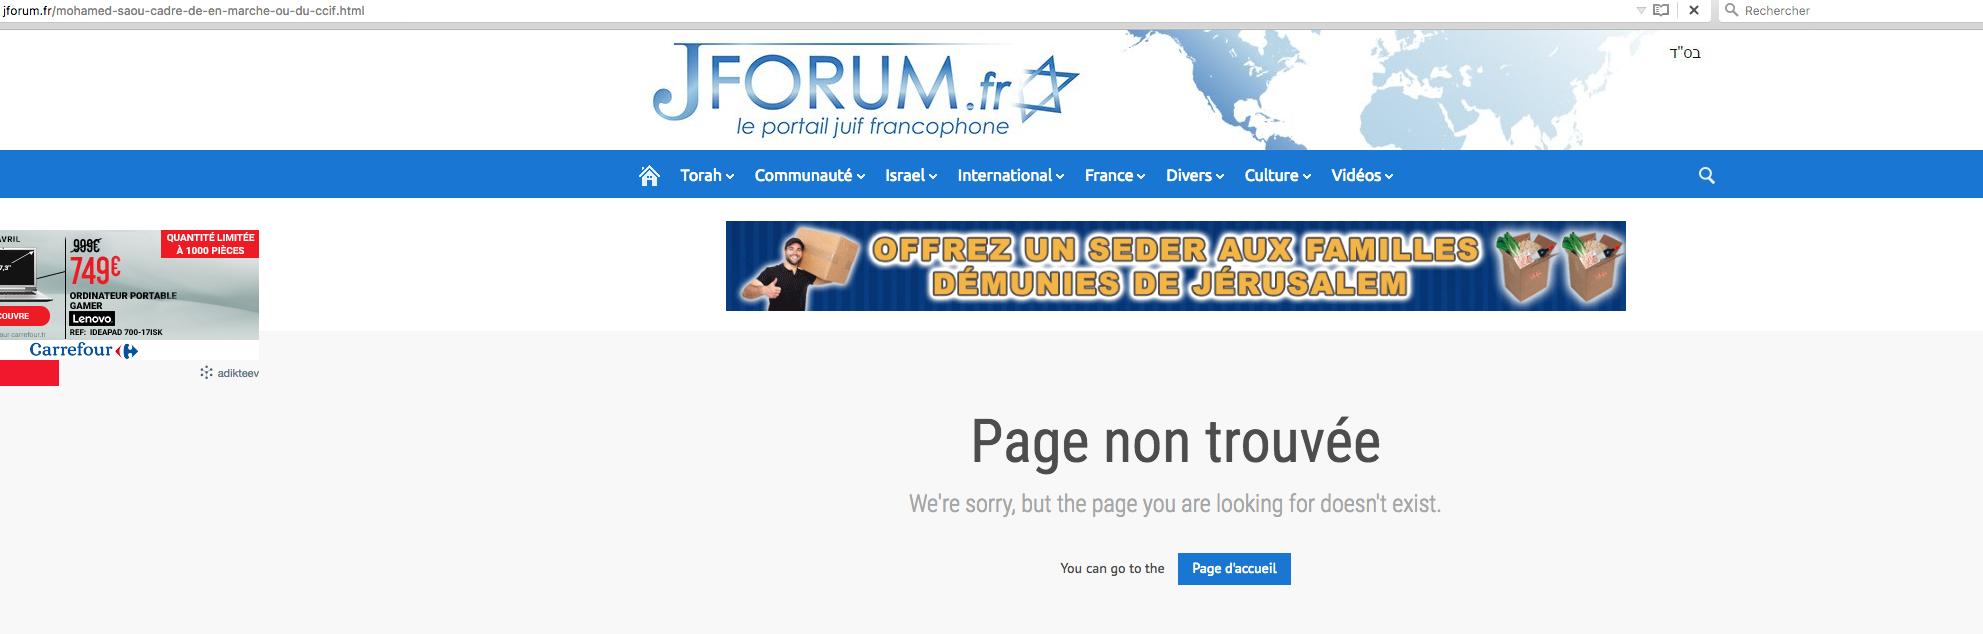 JForum-Saou-JewPop